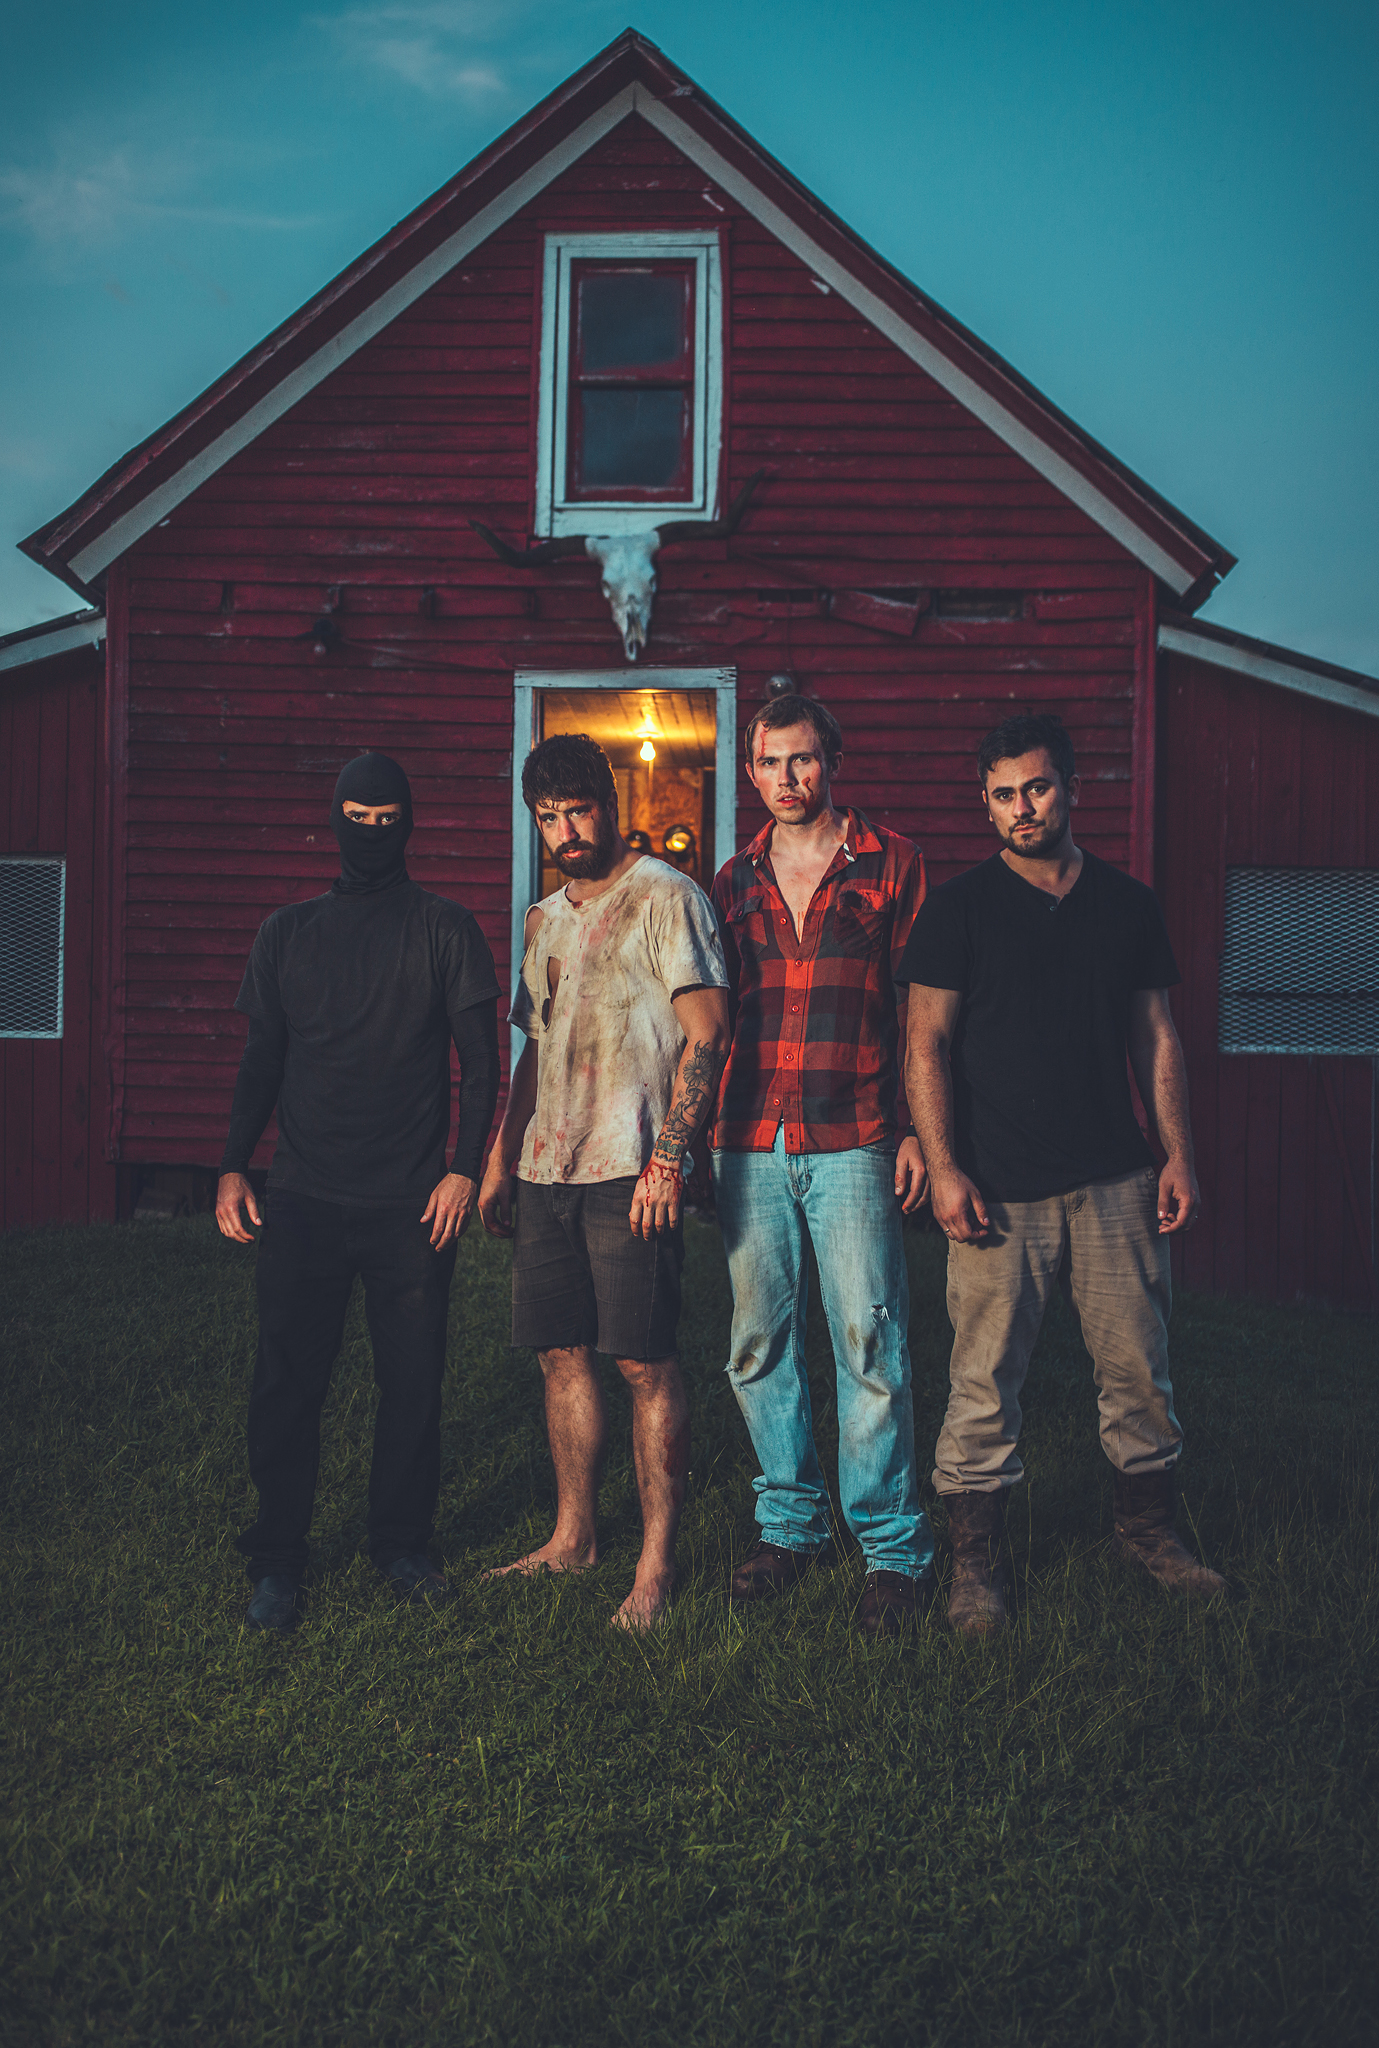 Blake, Adam, Garrett, Matt - Bustin' ass on day two